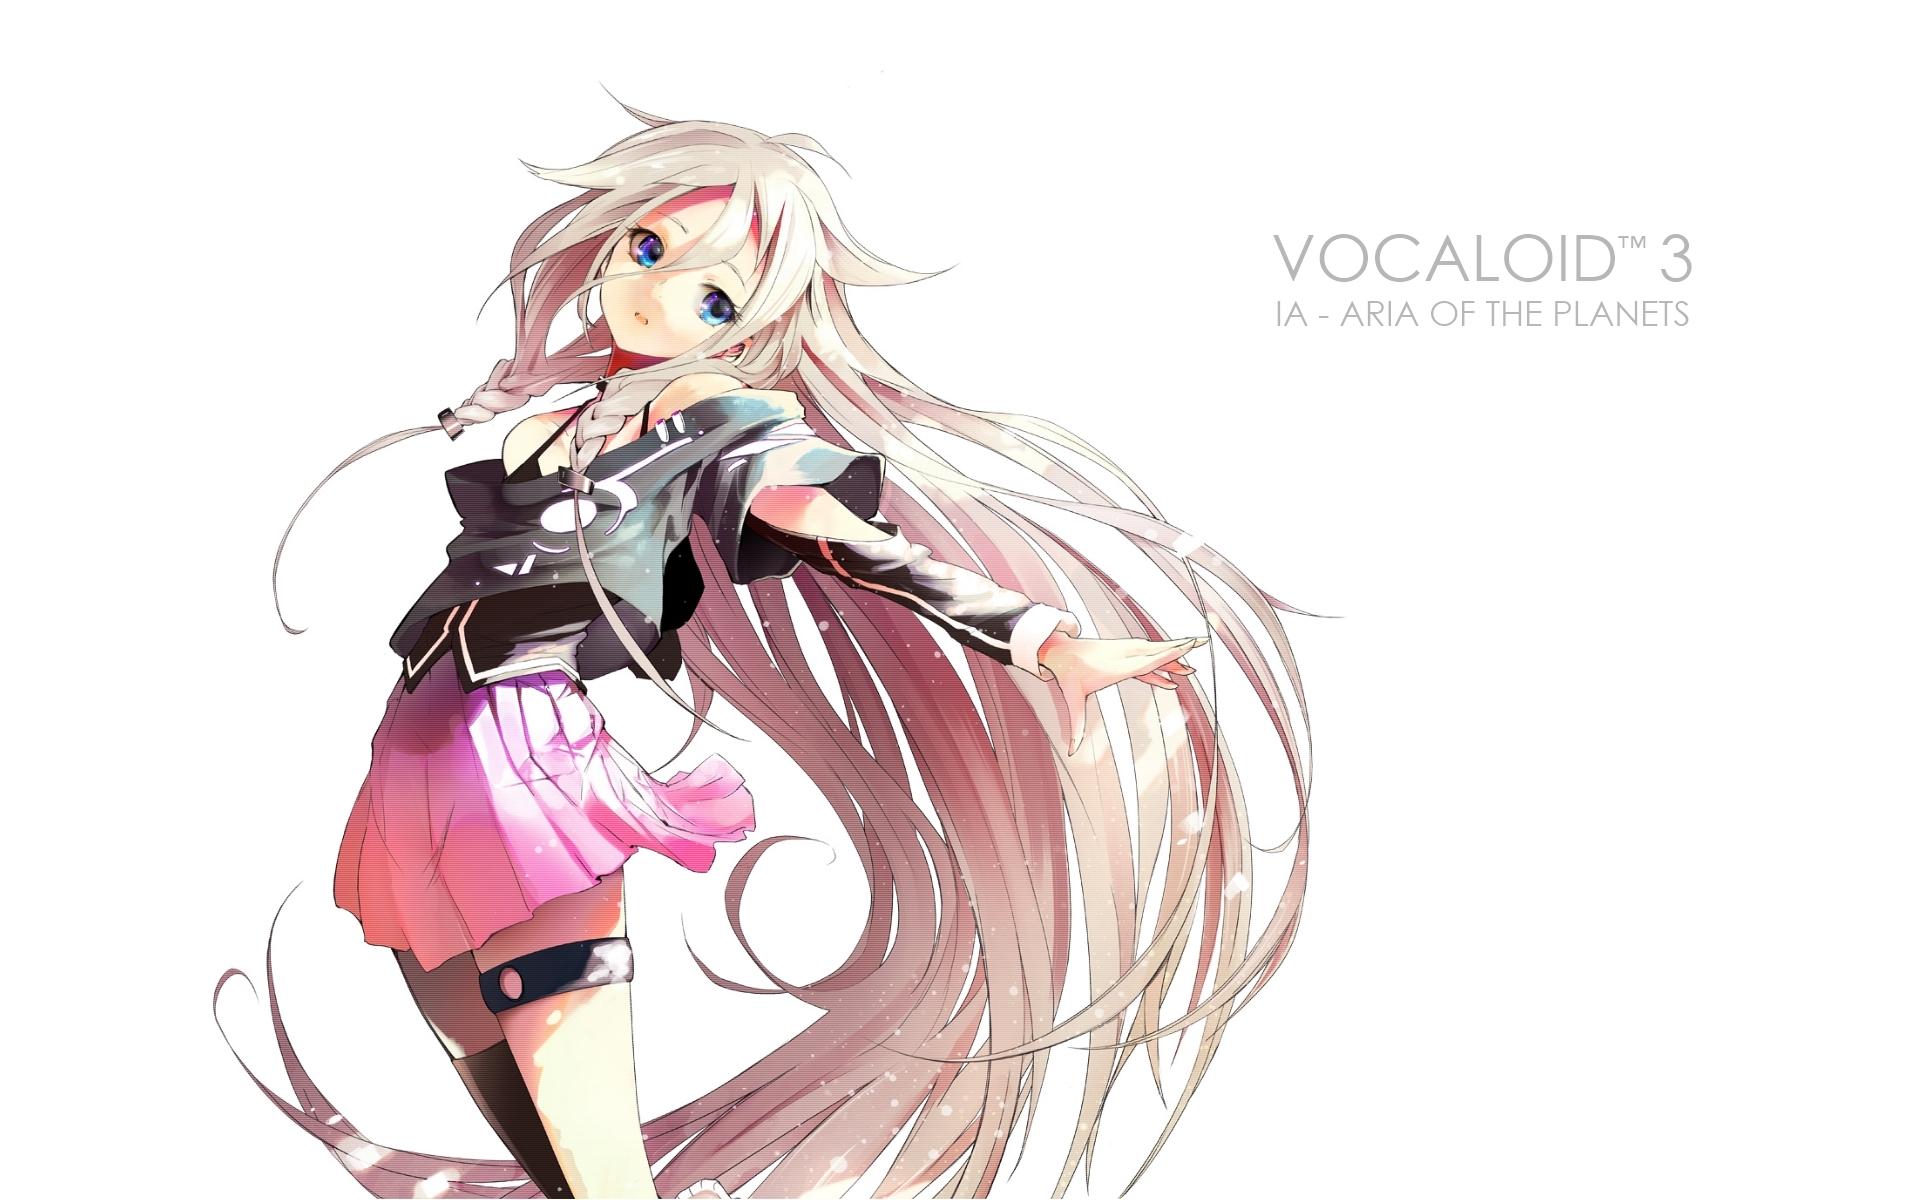 Vocaloid Fondo De Pantalla Hd Fondo De Escritorio